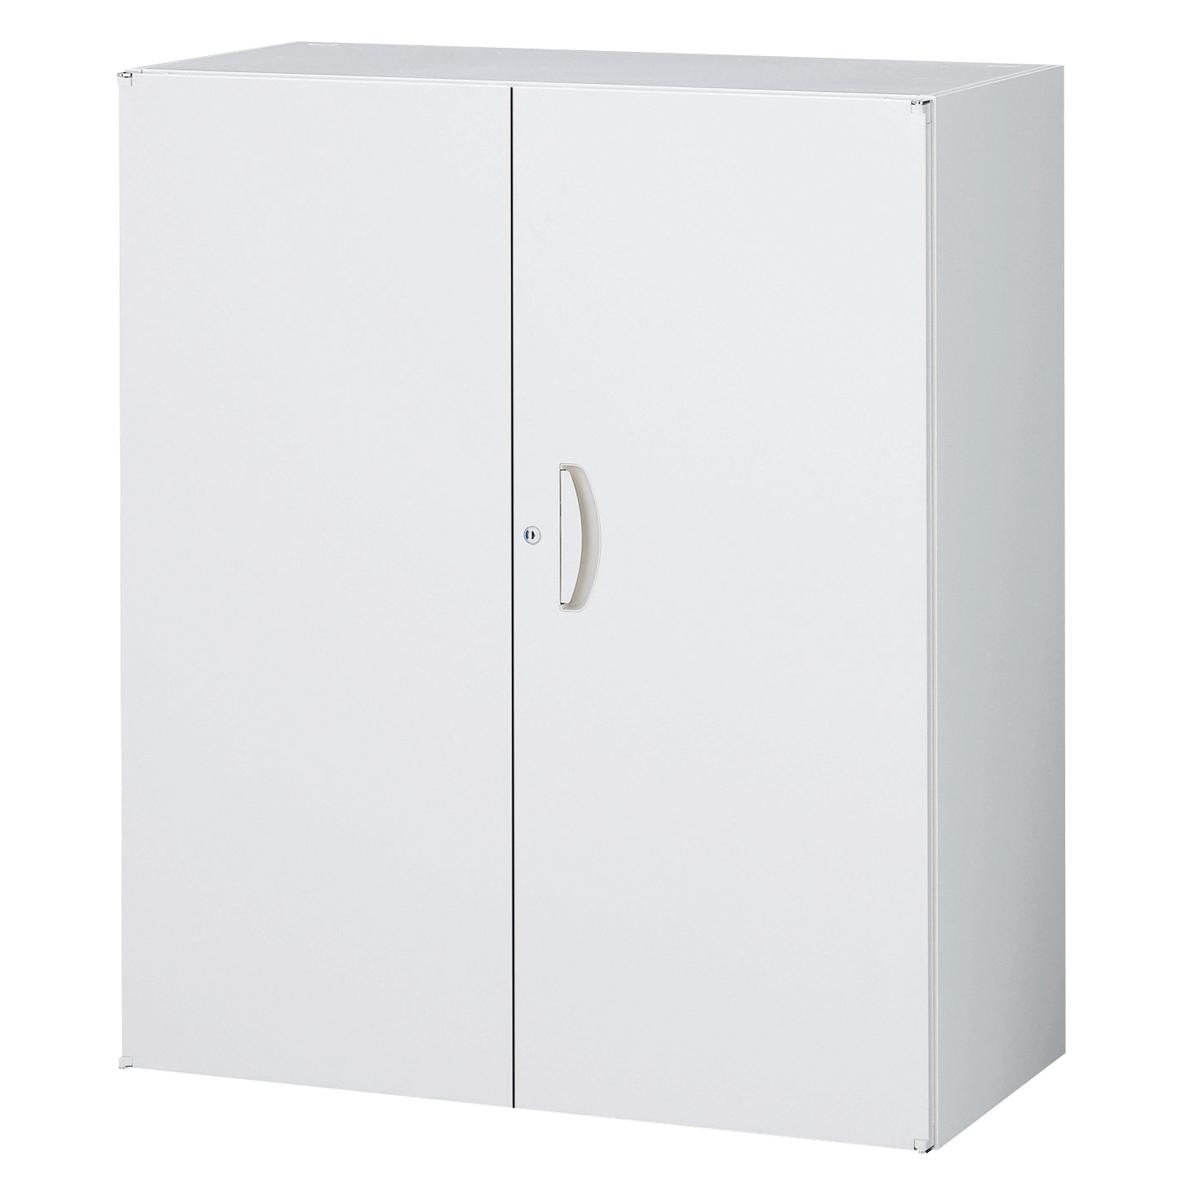 <お取り寄せ品※代引きキャンセル不可> 両開き戸棚 RW5-10H 【 用紙 画用紙 整理 棚 収納 多目的 システム収納棚 】